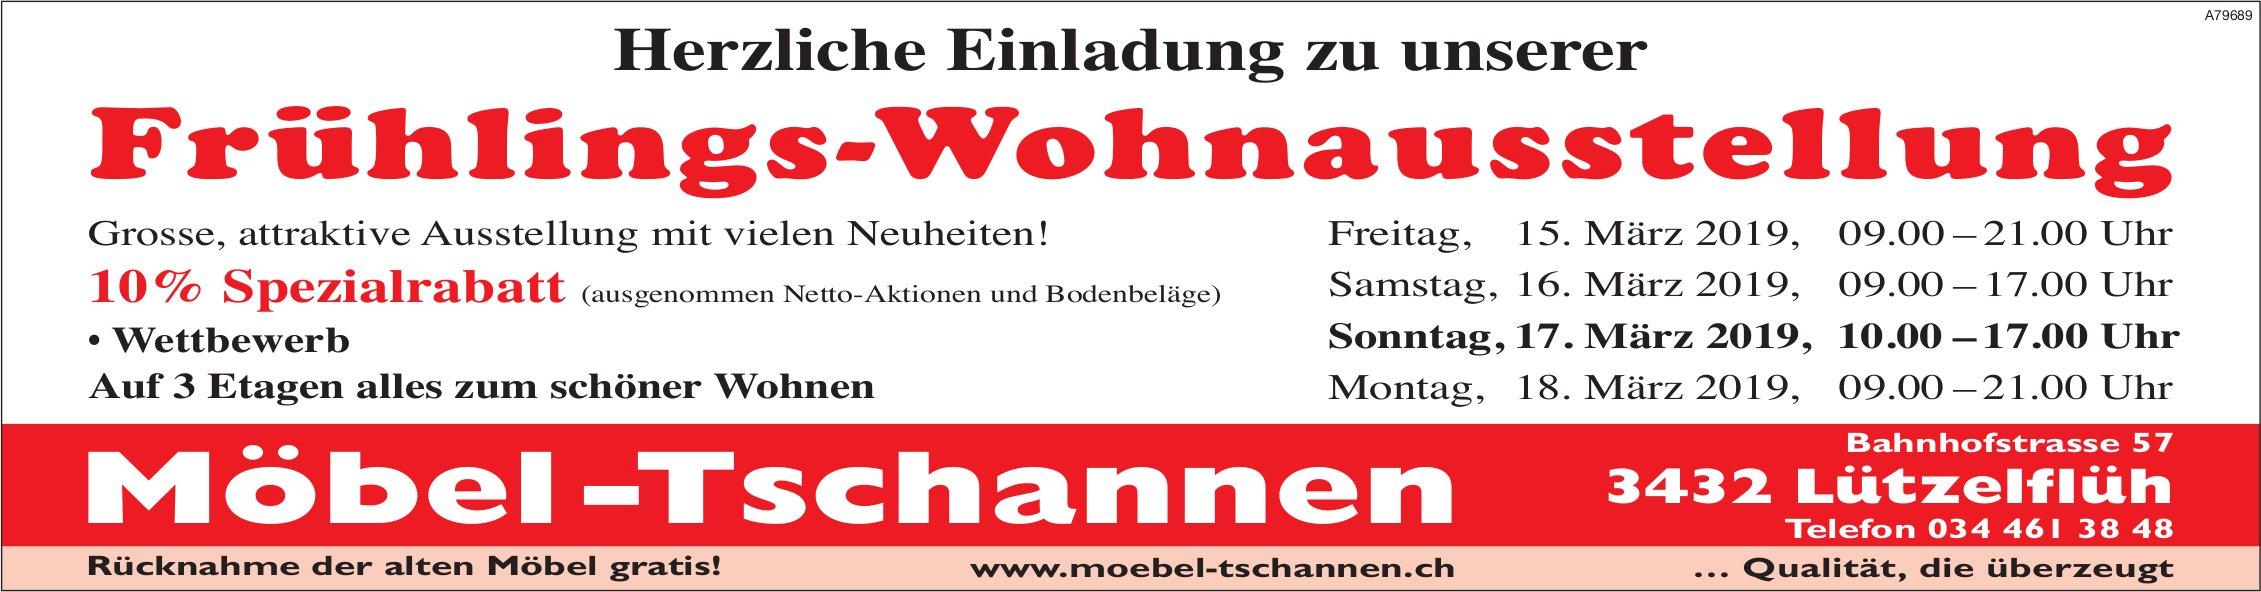 Möbel -Tschannen - Frühlings-Wohnausstellung, 15. bis 18. März